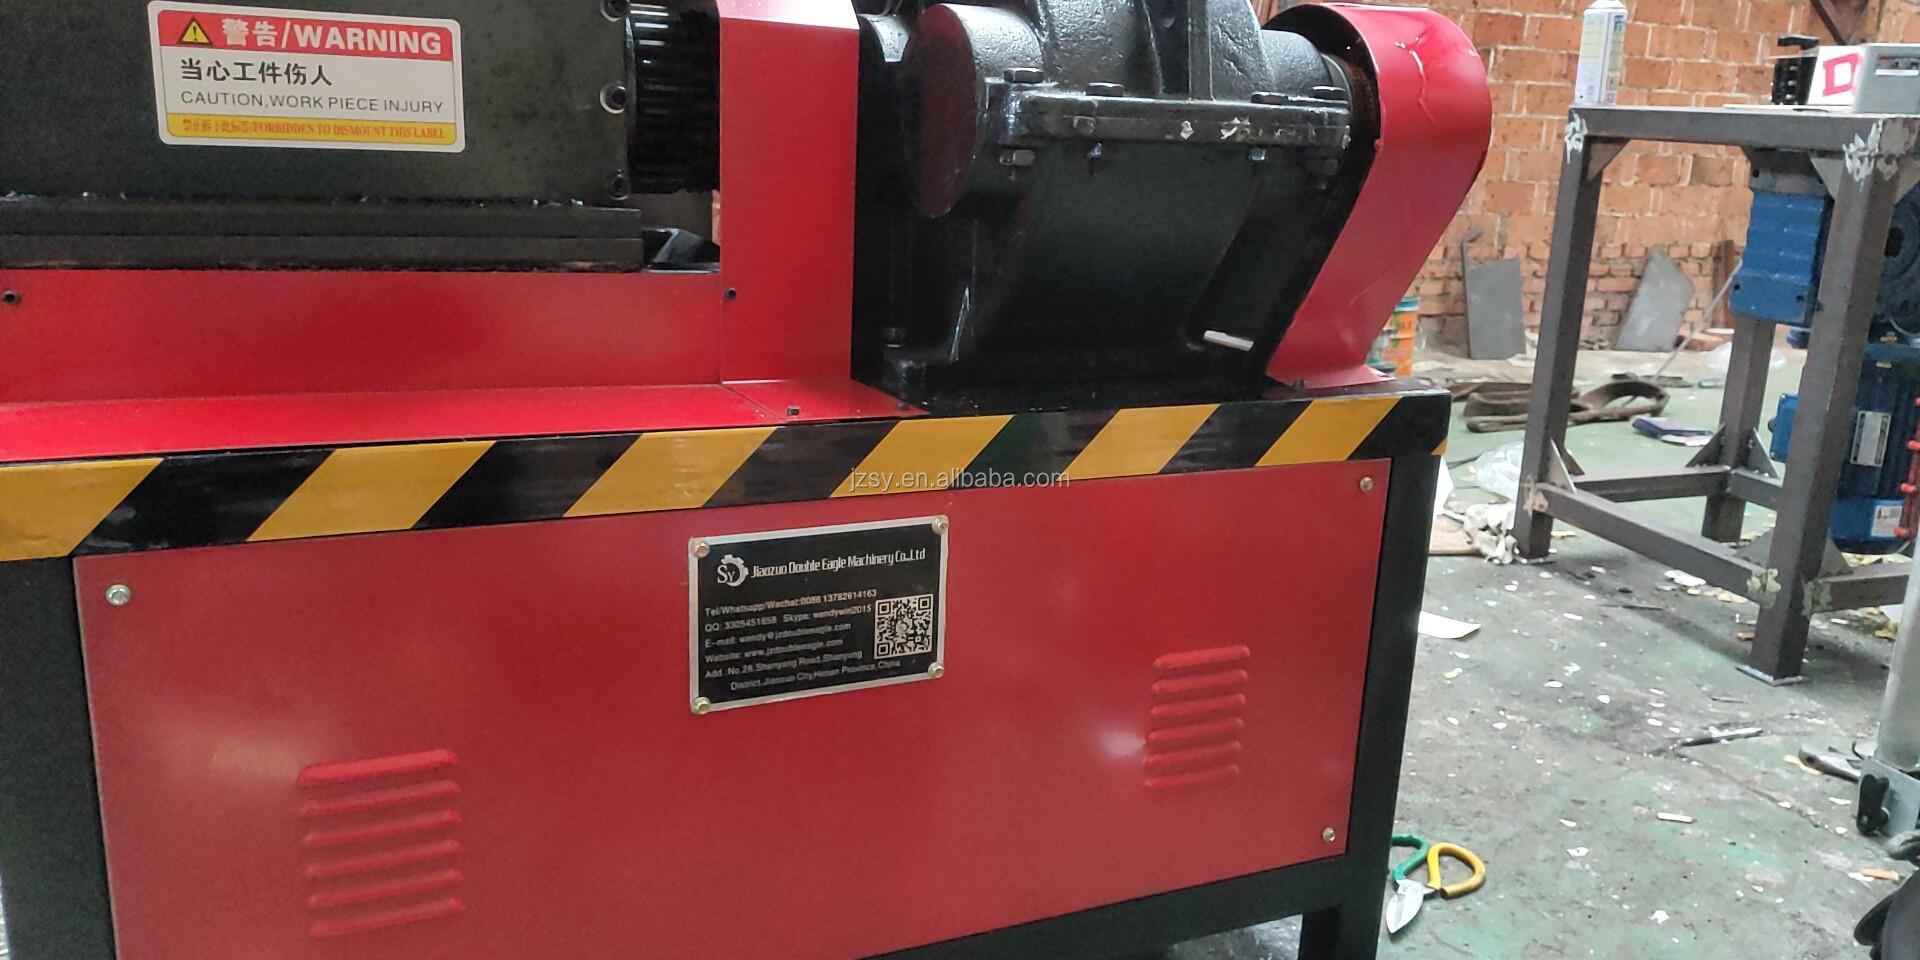 Industrial de papel pequeno de plástico triturador/triturador de lixo máquina de trituração de vidro/garrafa de cerveja equipamento de reciclagem de esmagamento de resíduos